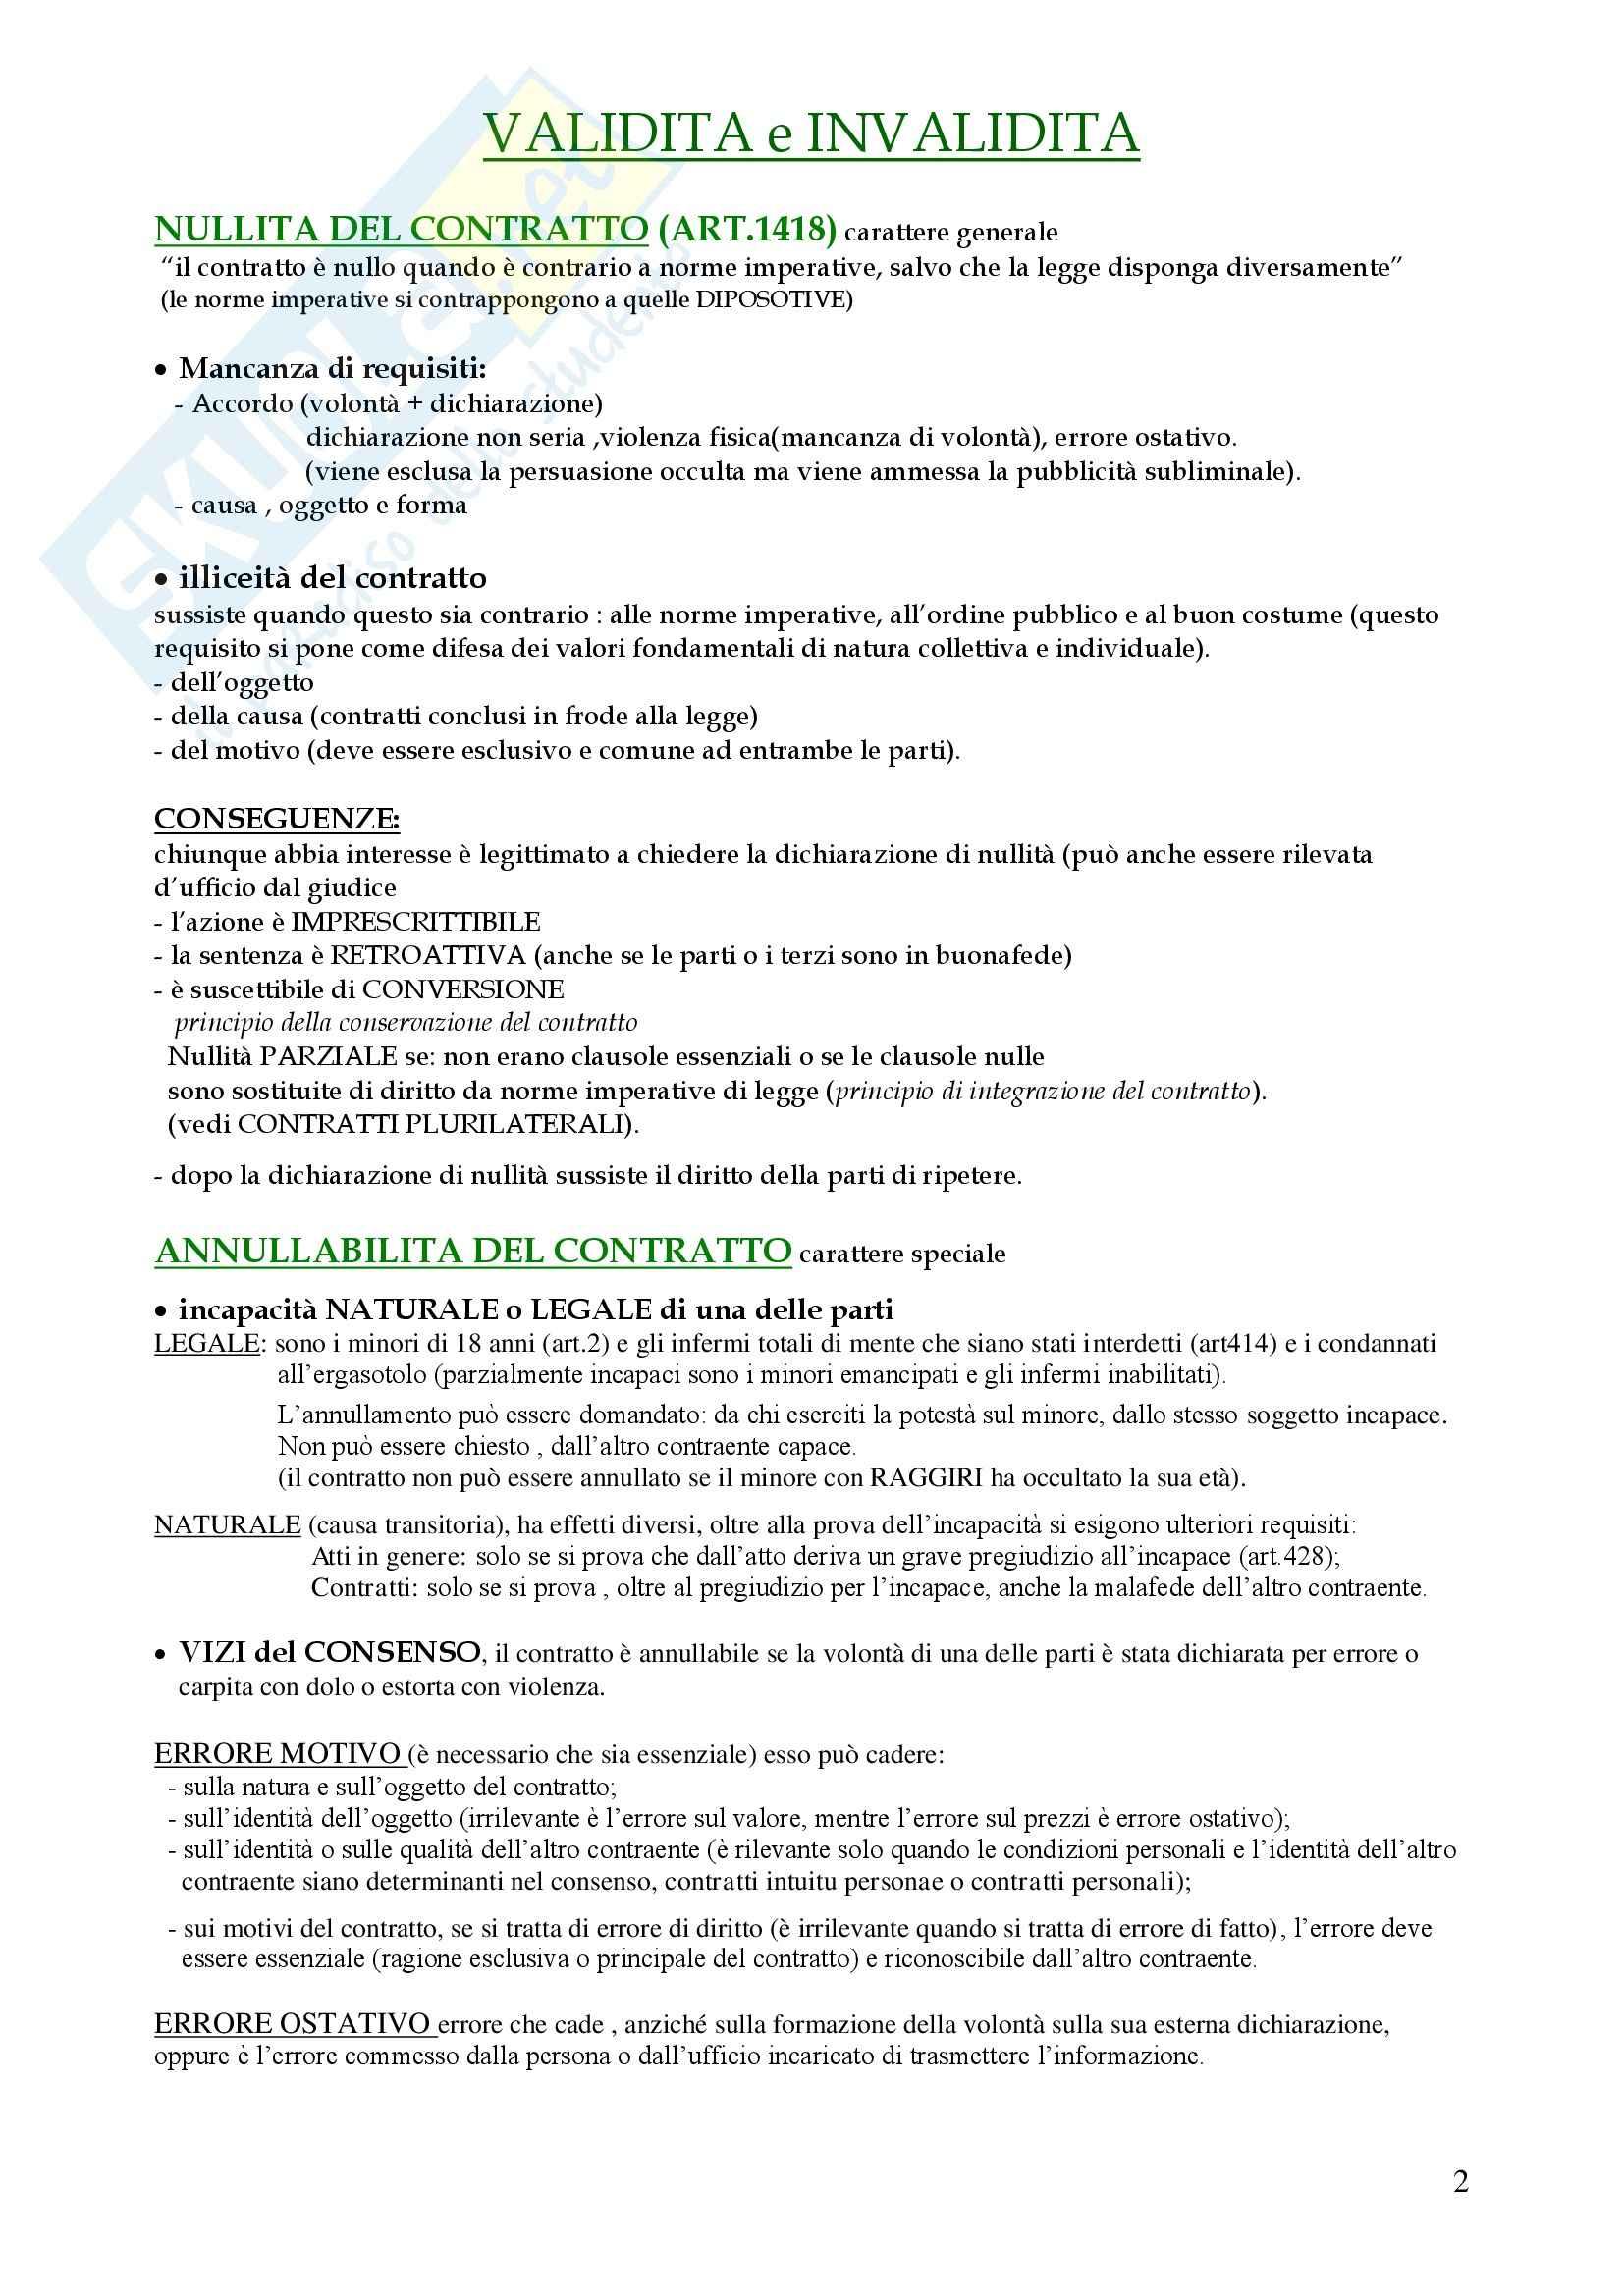 Contratto nel Diritto privato - Appunti Pag. 2